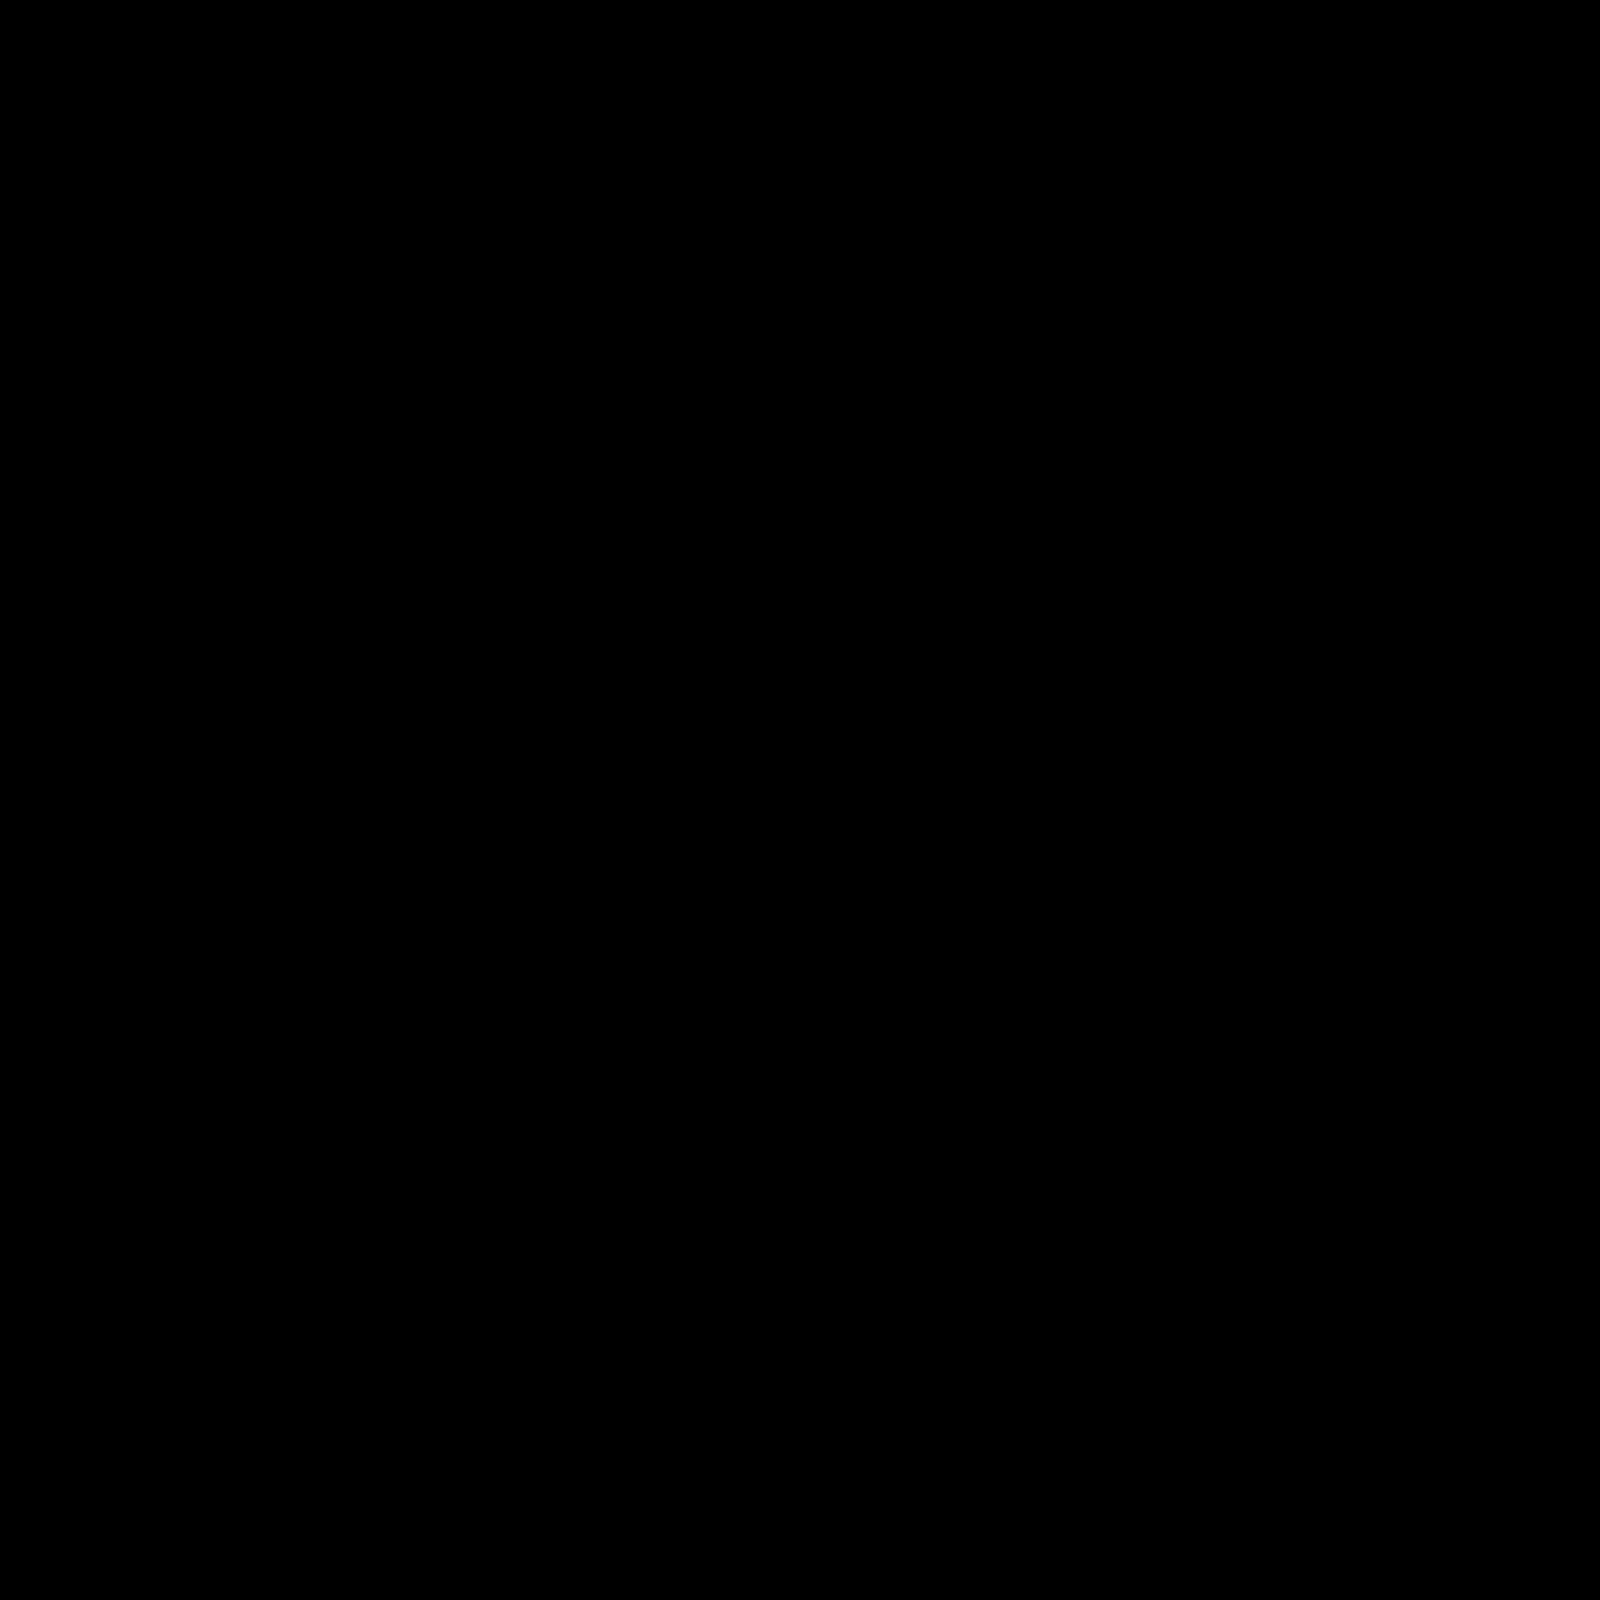 Иконка Dashcube - скачать бесплатно в PNG и векторе 14734336a32